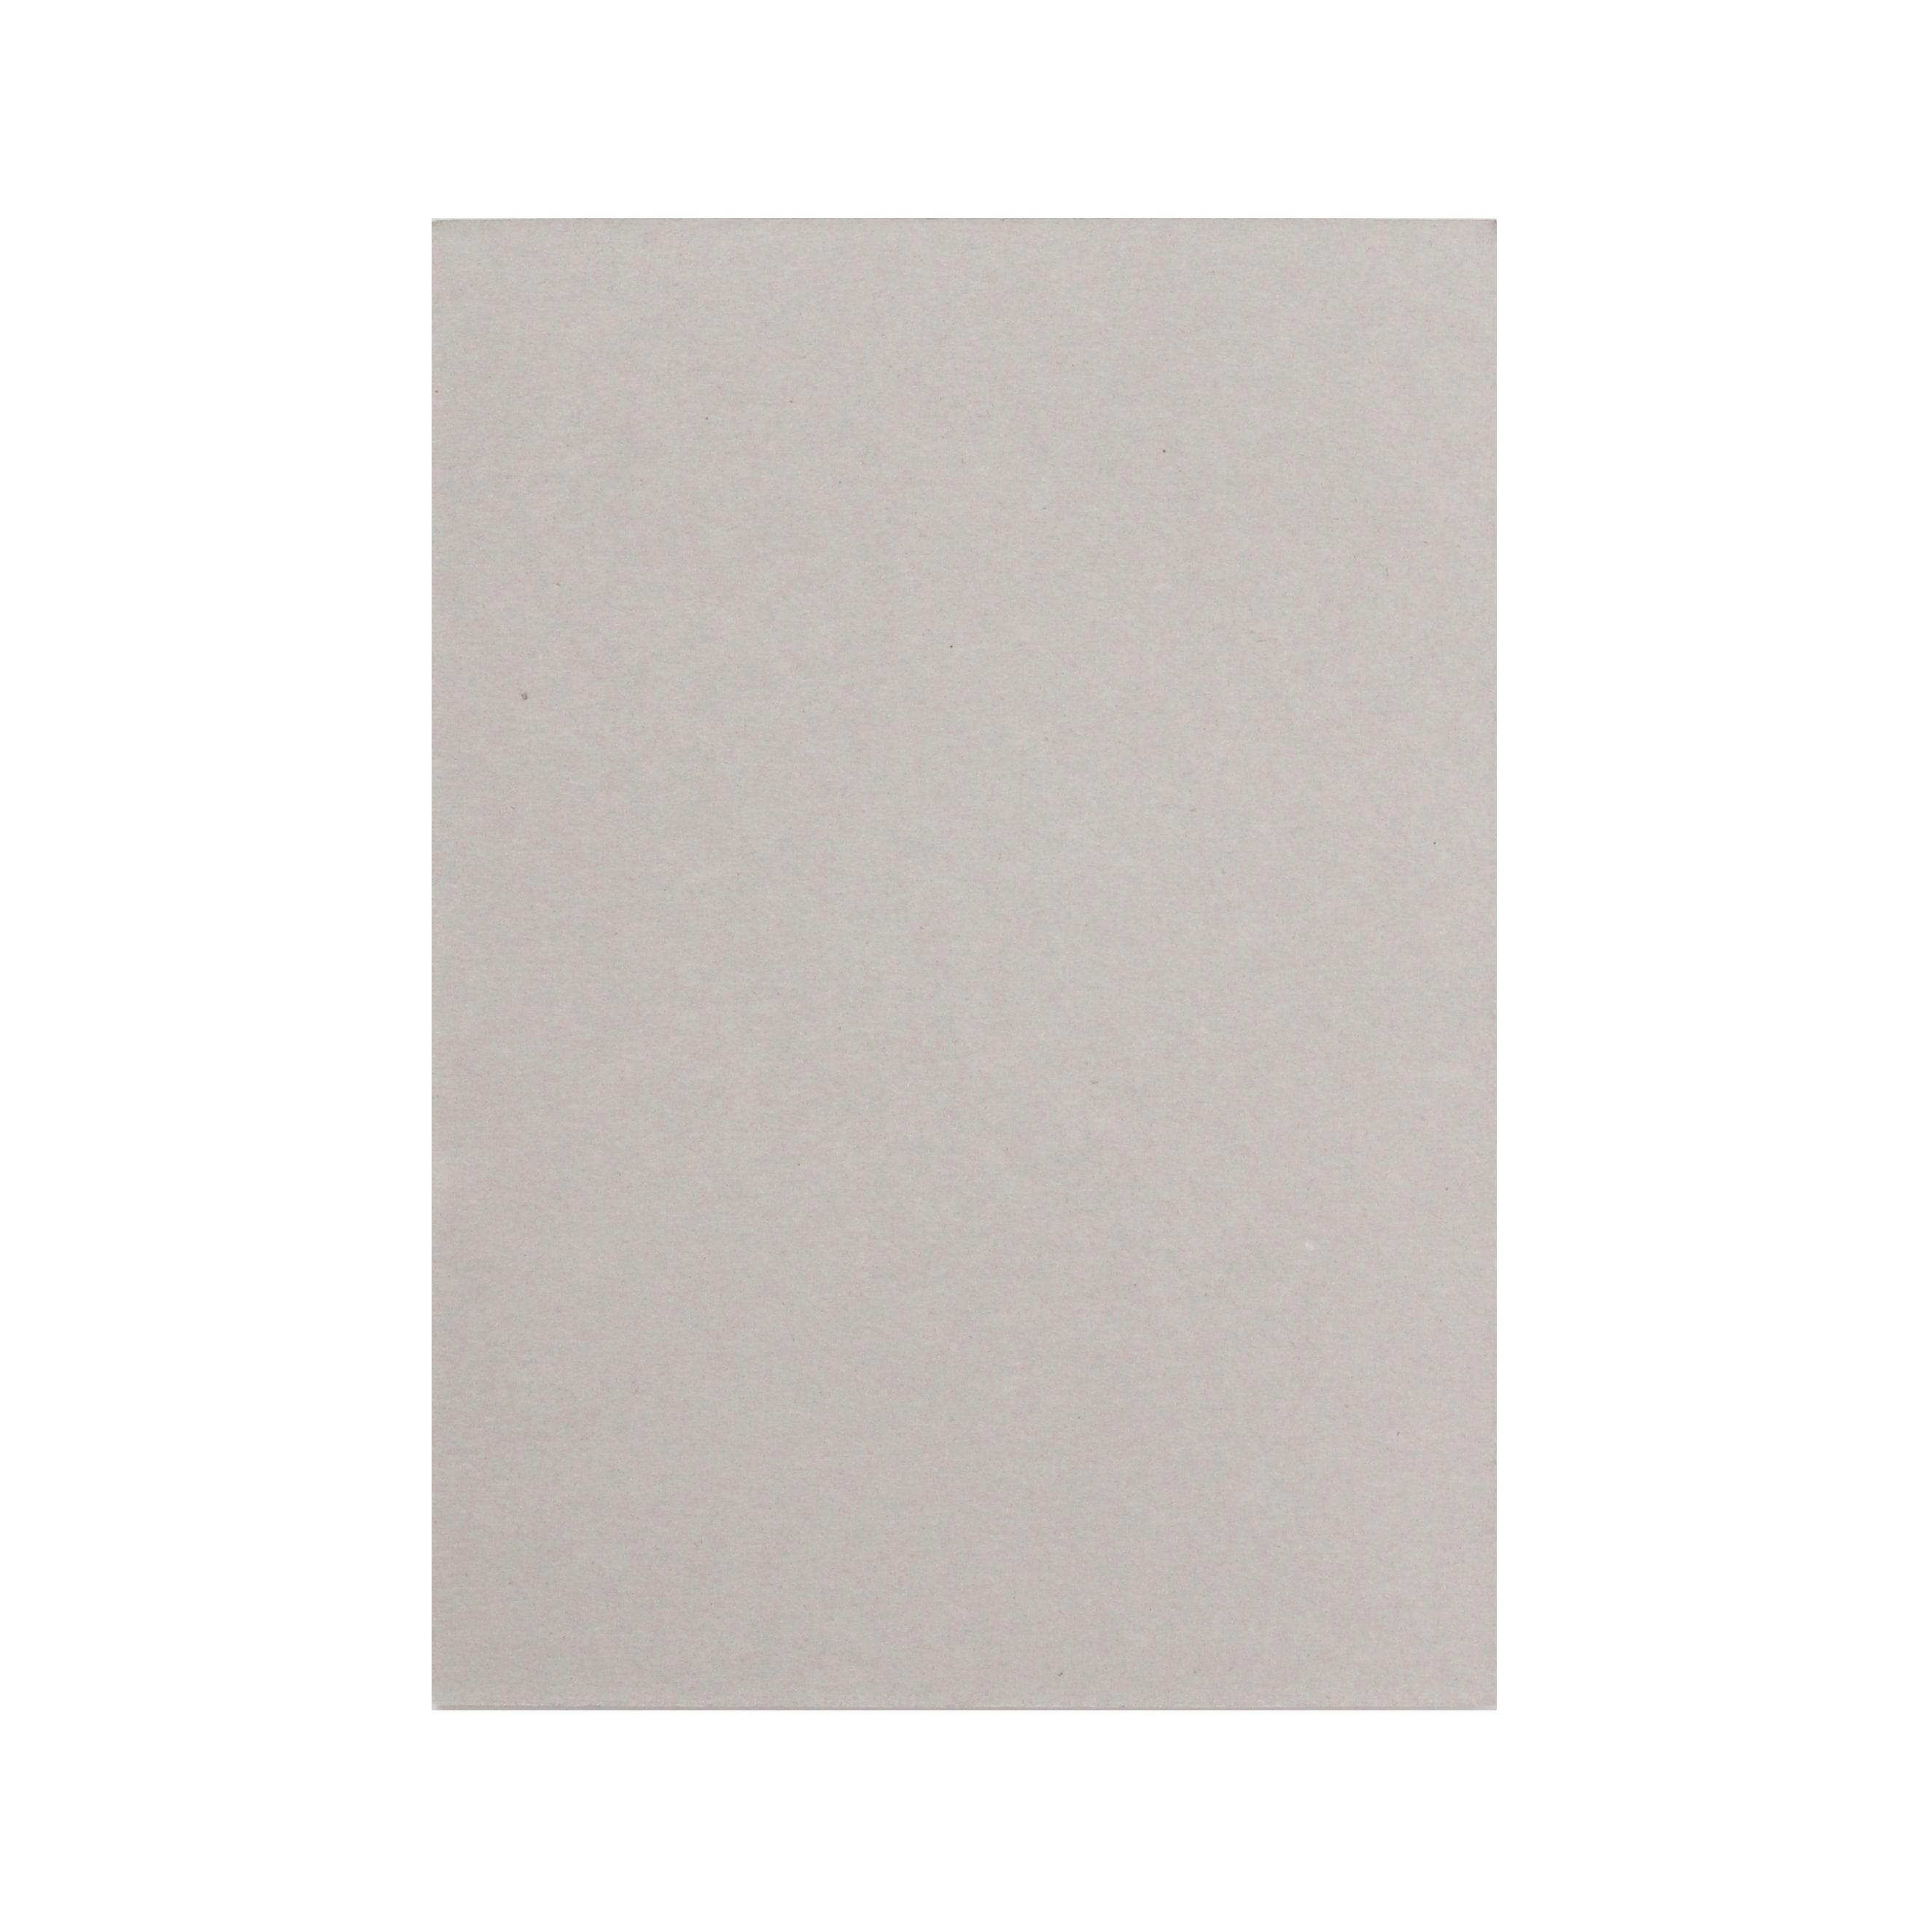 A6カード+30 細布 ホワイト×グレー